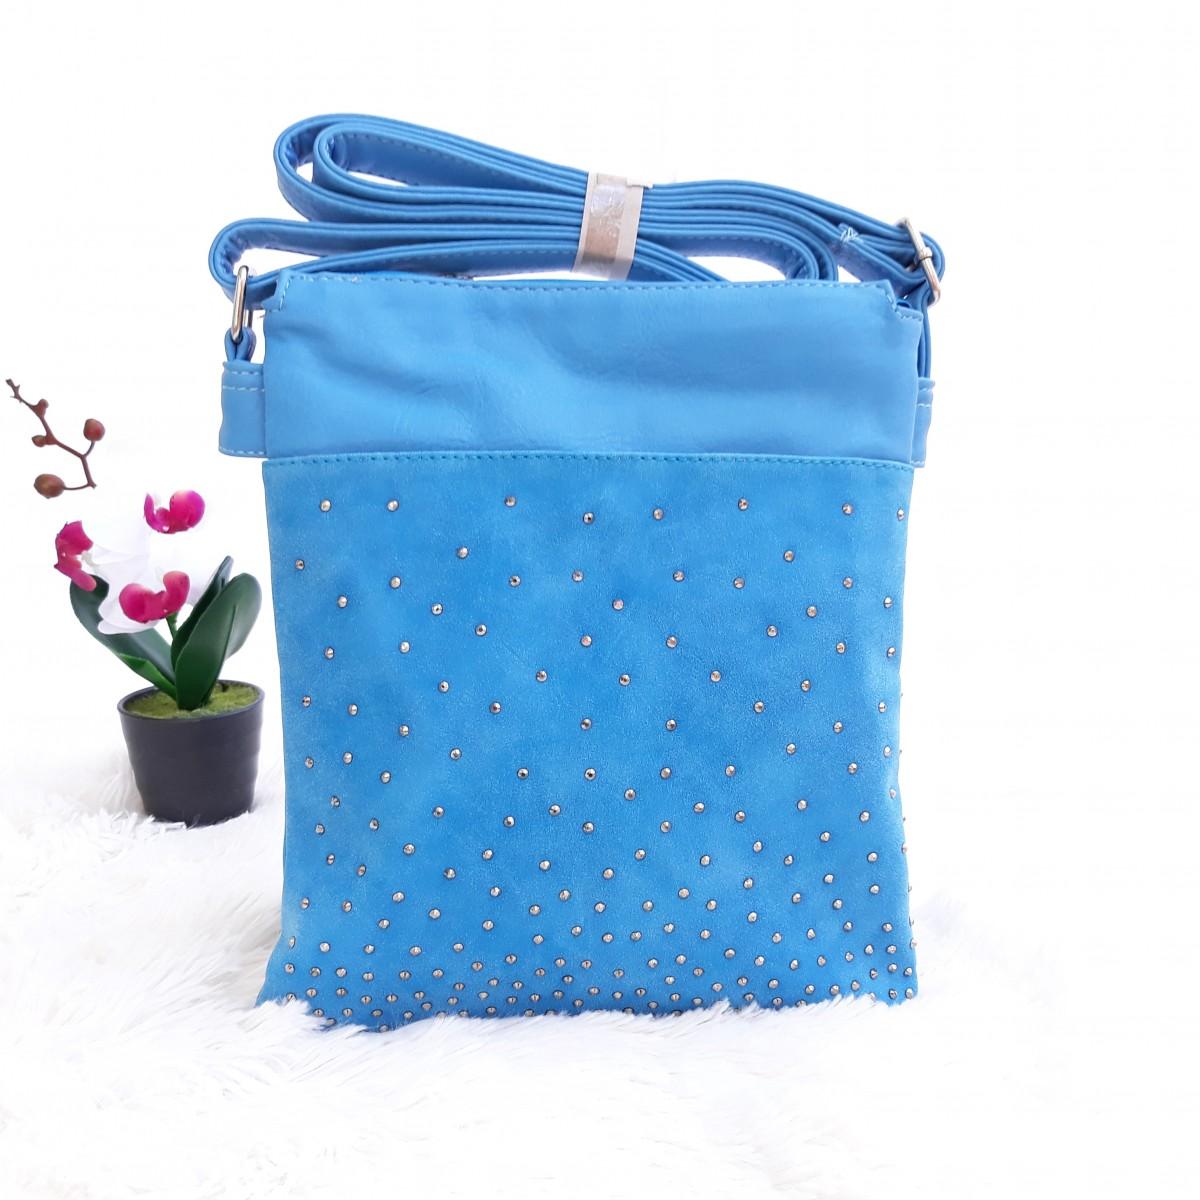 Дамски чанти през рамо в син цвят - код 2825